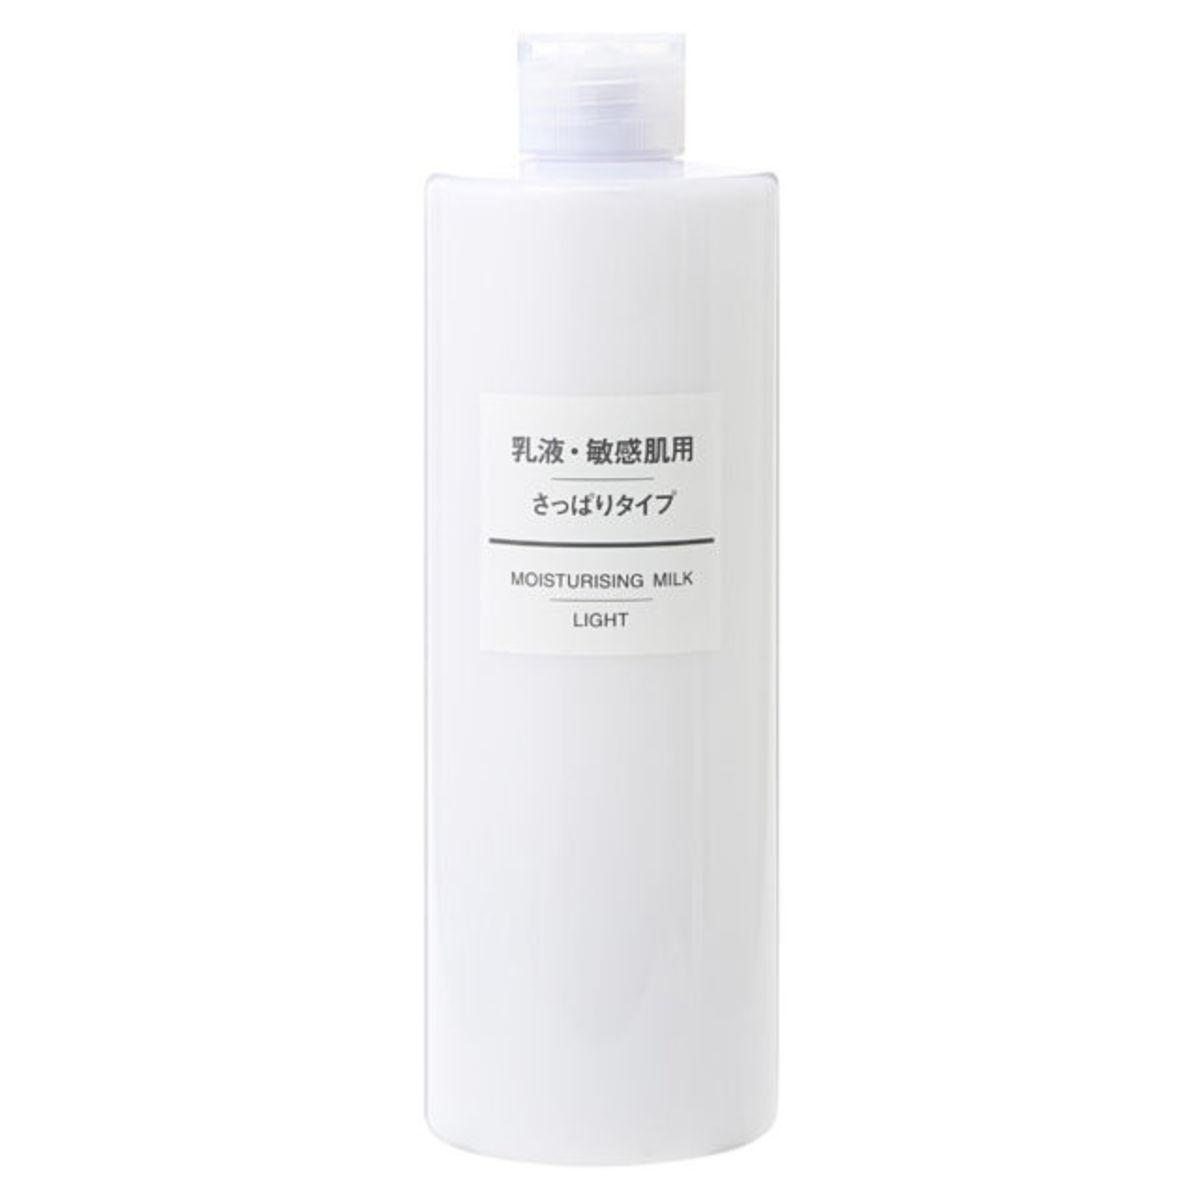 敏感肌滋潤乳液(清爽) 400ml